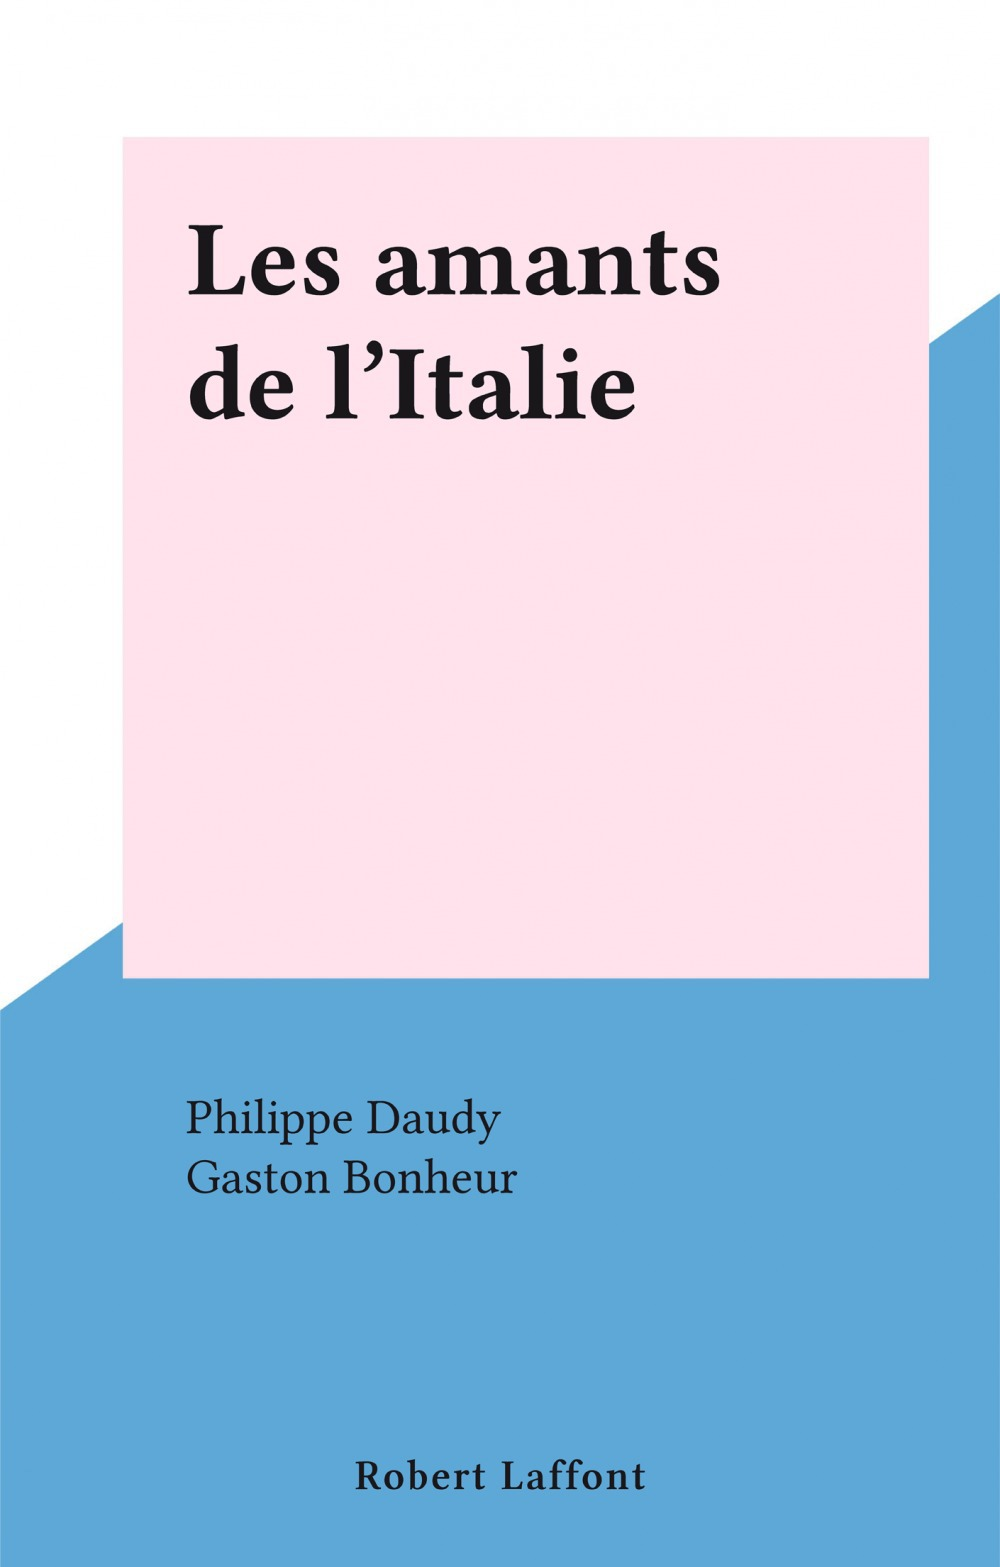 Les amants de l'Italie  - Philippe Daudy